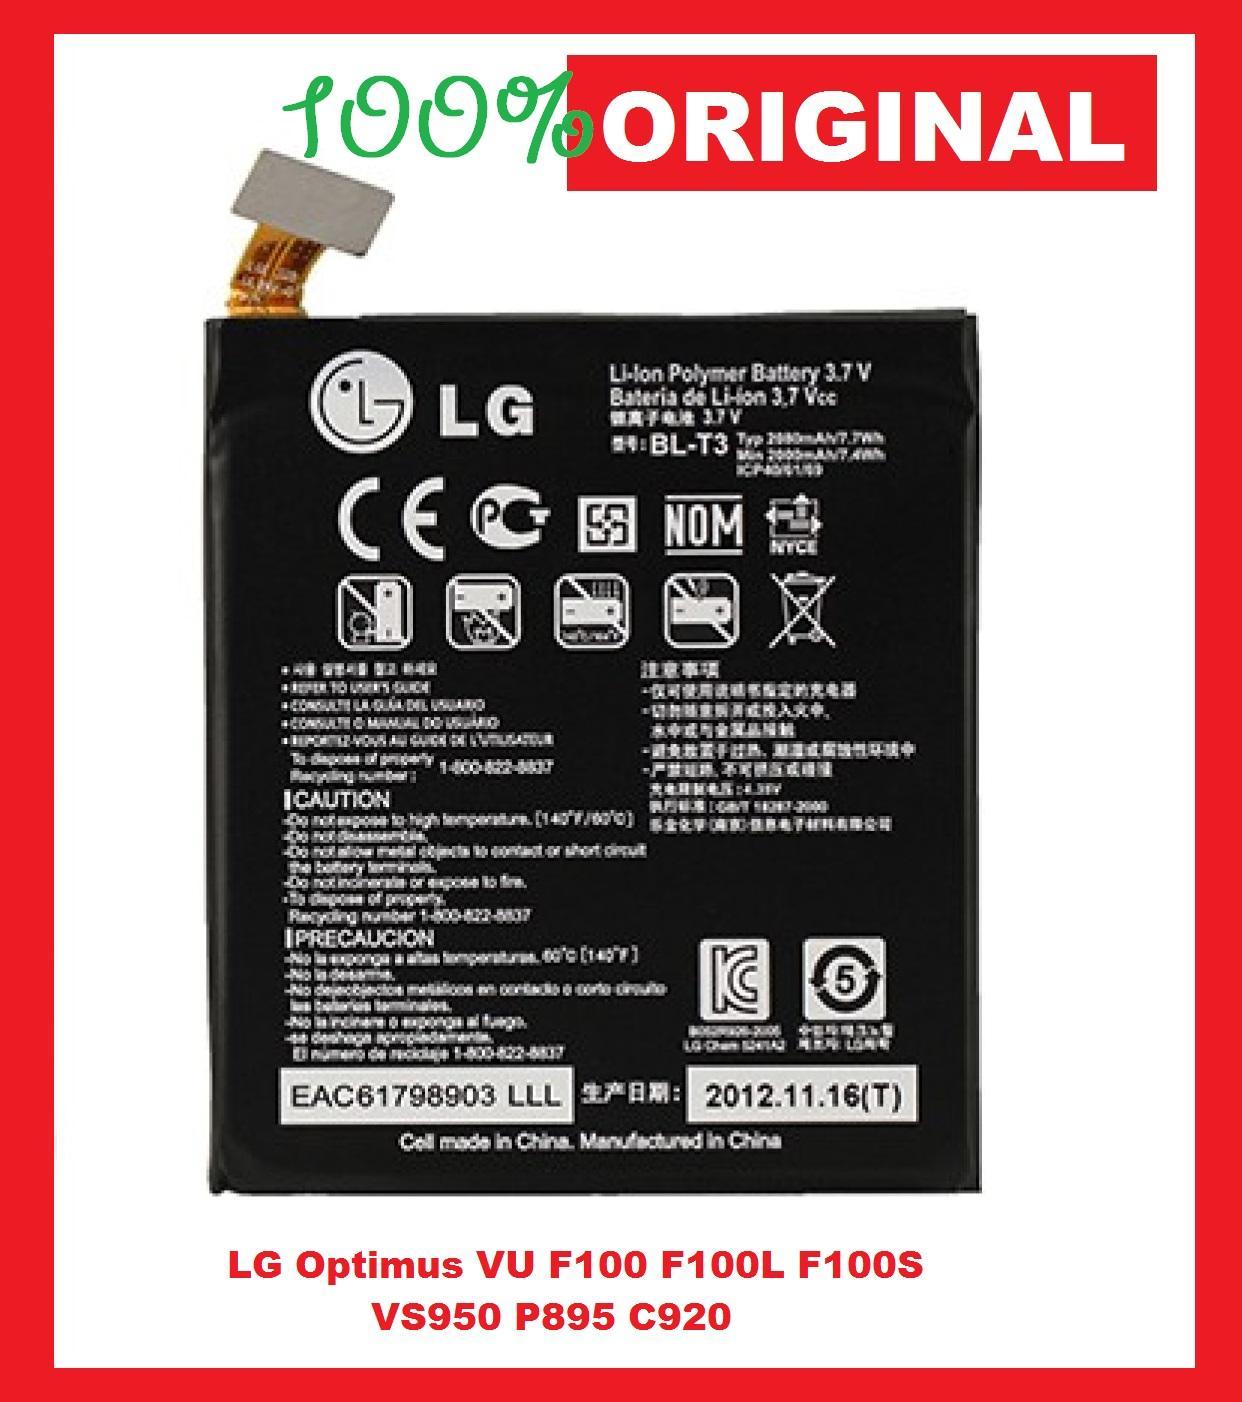 BATTERY BATRE BATERAI LG OPTIMUS VU LG C920 F100 F100L F100S VS950 P895 BL-T3 2080MAH ORIGINAL 904061